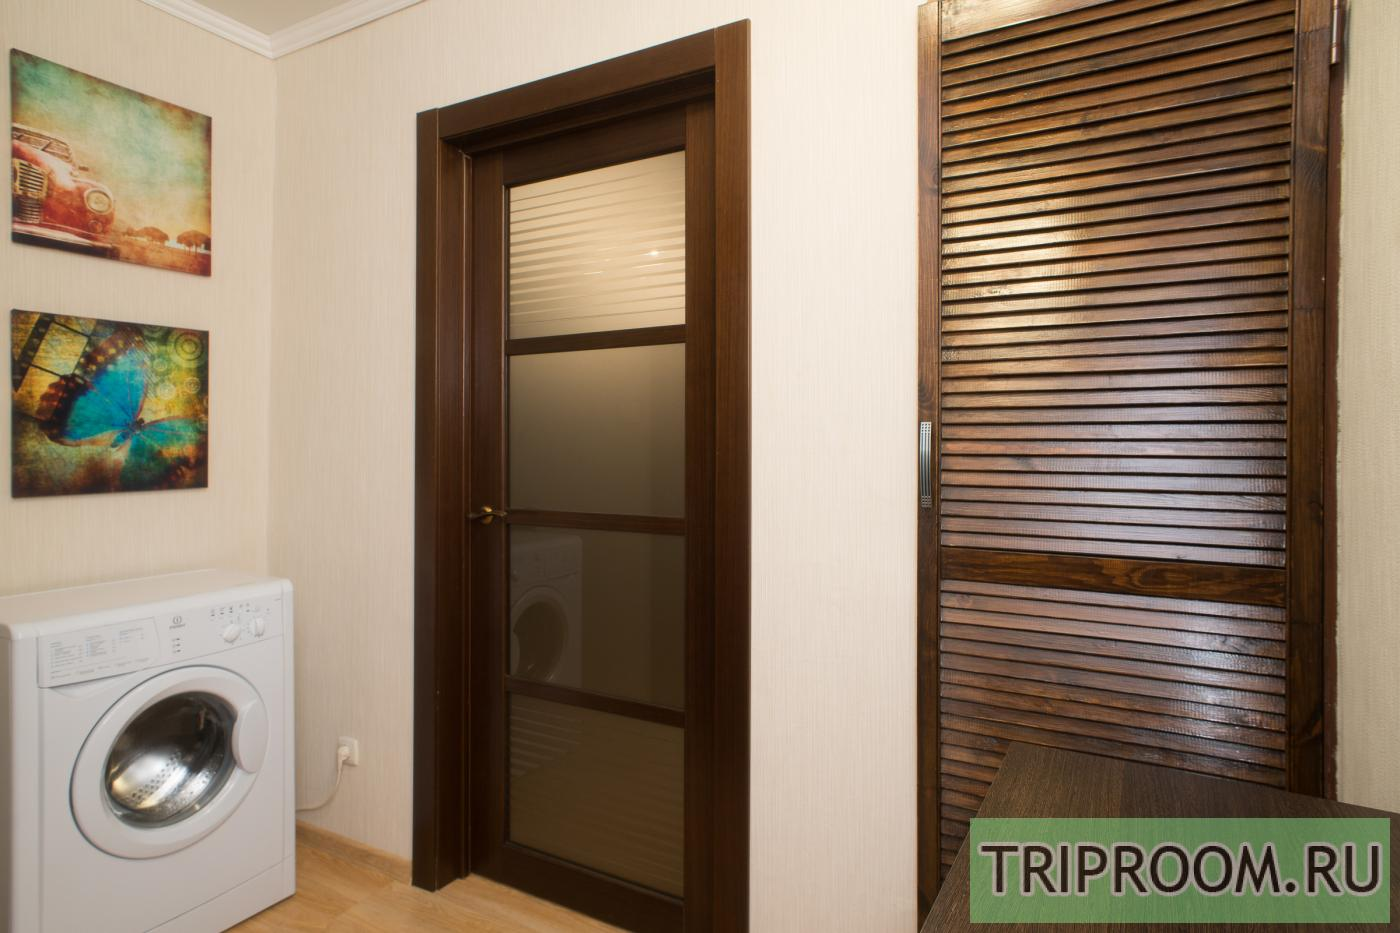 1-комнатная квартира посуточно (вариант № 9994), ул. Энгельса улица, фото № 6